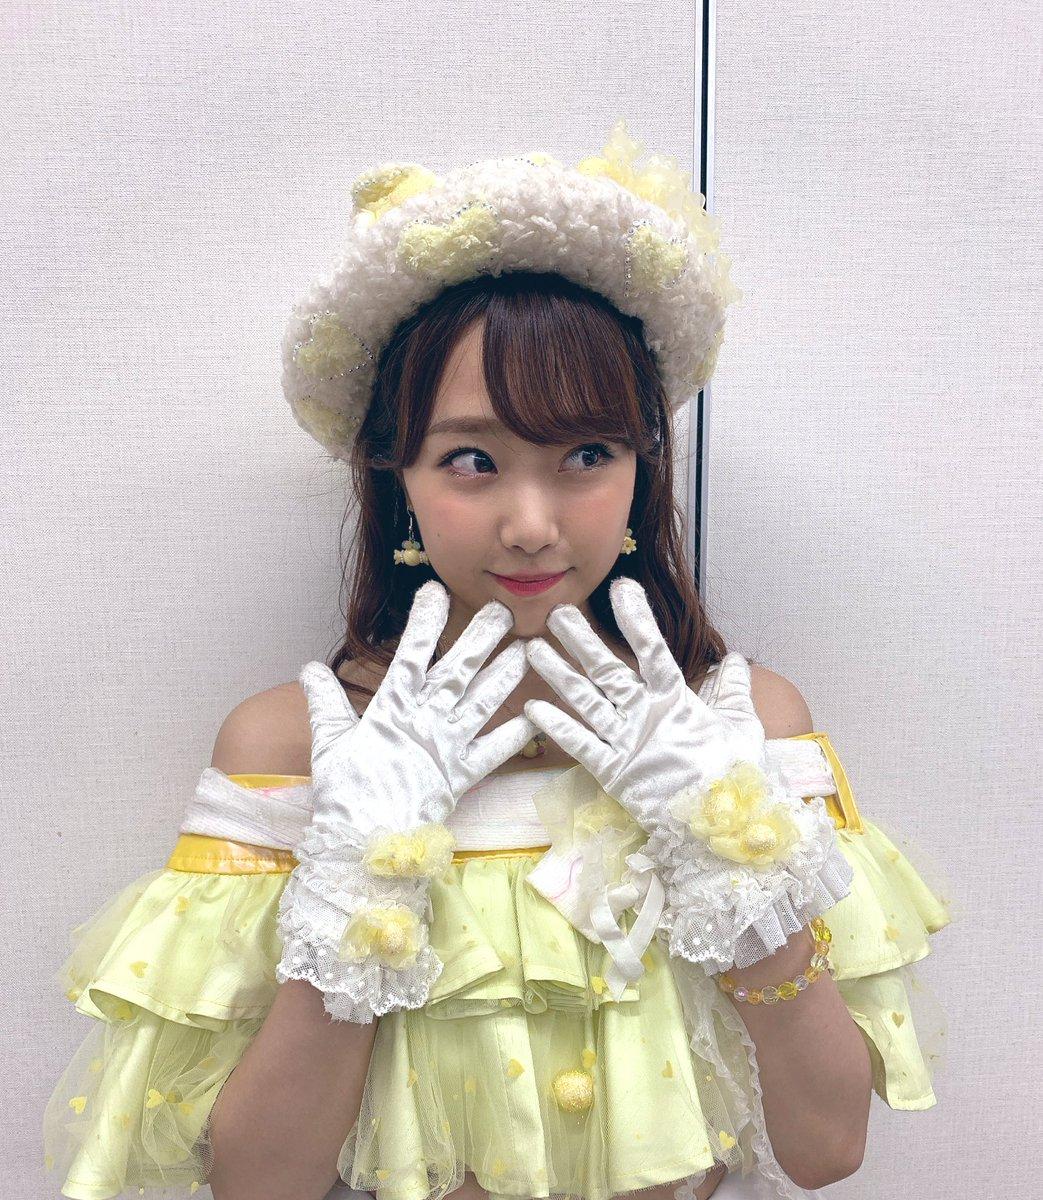 2020年最初のライブ!1/19に開催される #NMB48選抜コンサート〜10年目もライブ至上主義〜出演させて頂きます🥳年末年始ライブ沢山、、!楽しみが沢山ですね、、🥰詳しくはこちらから→